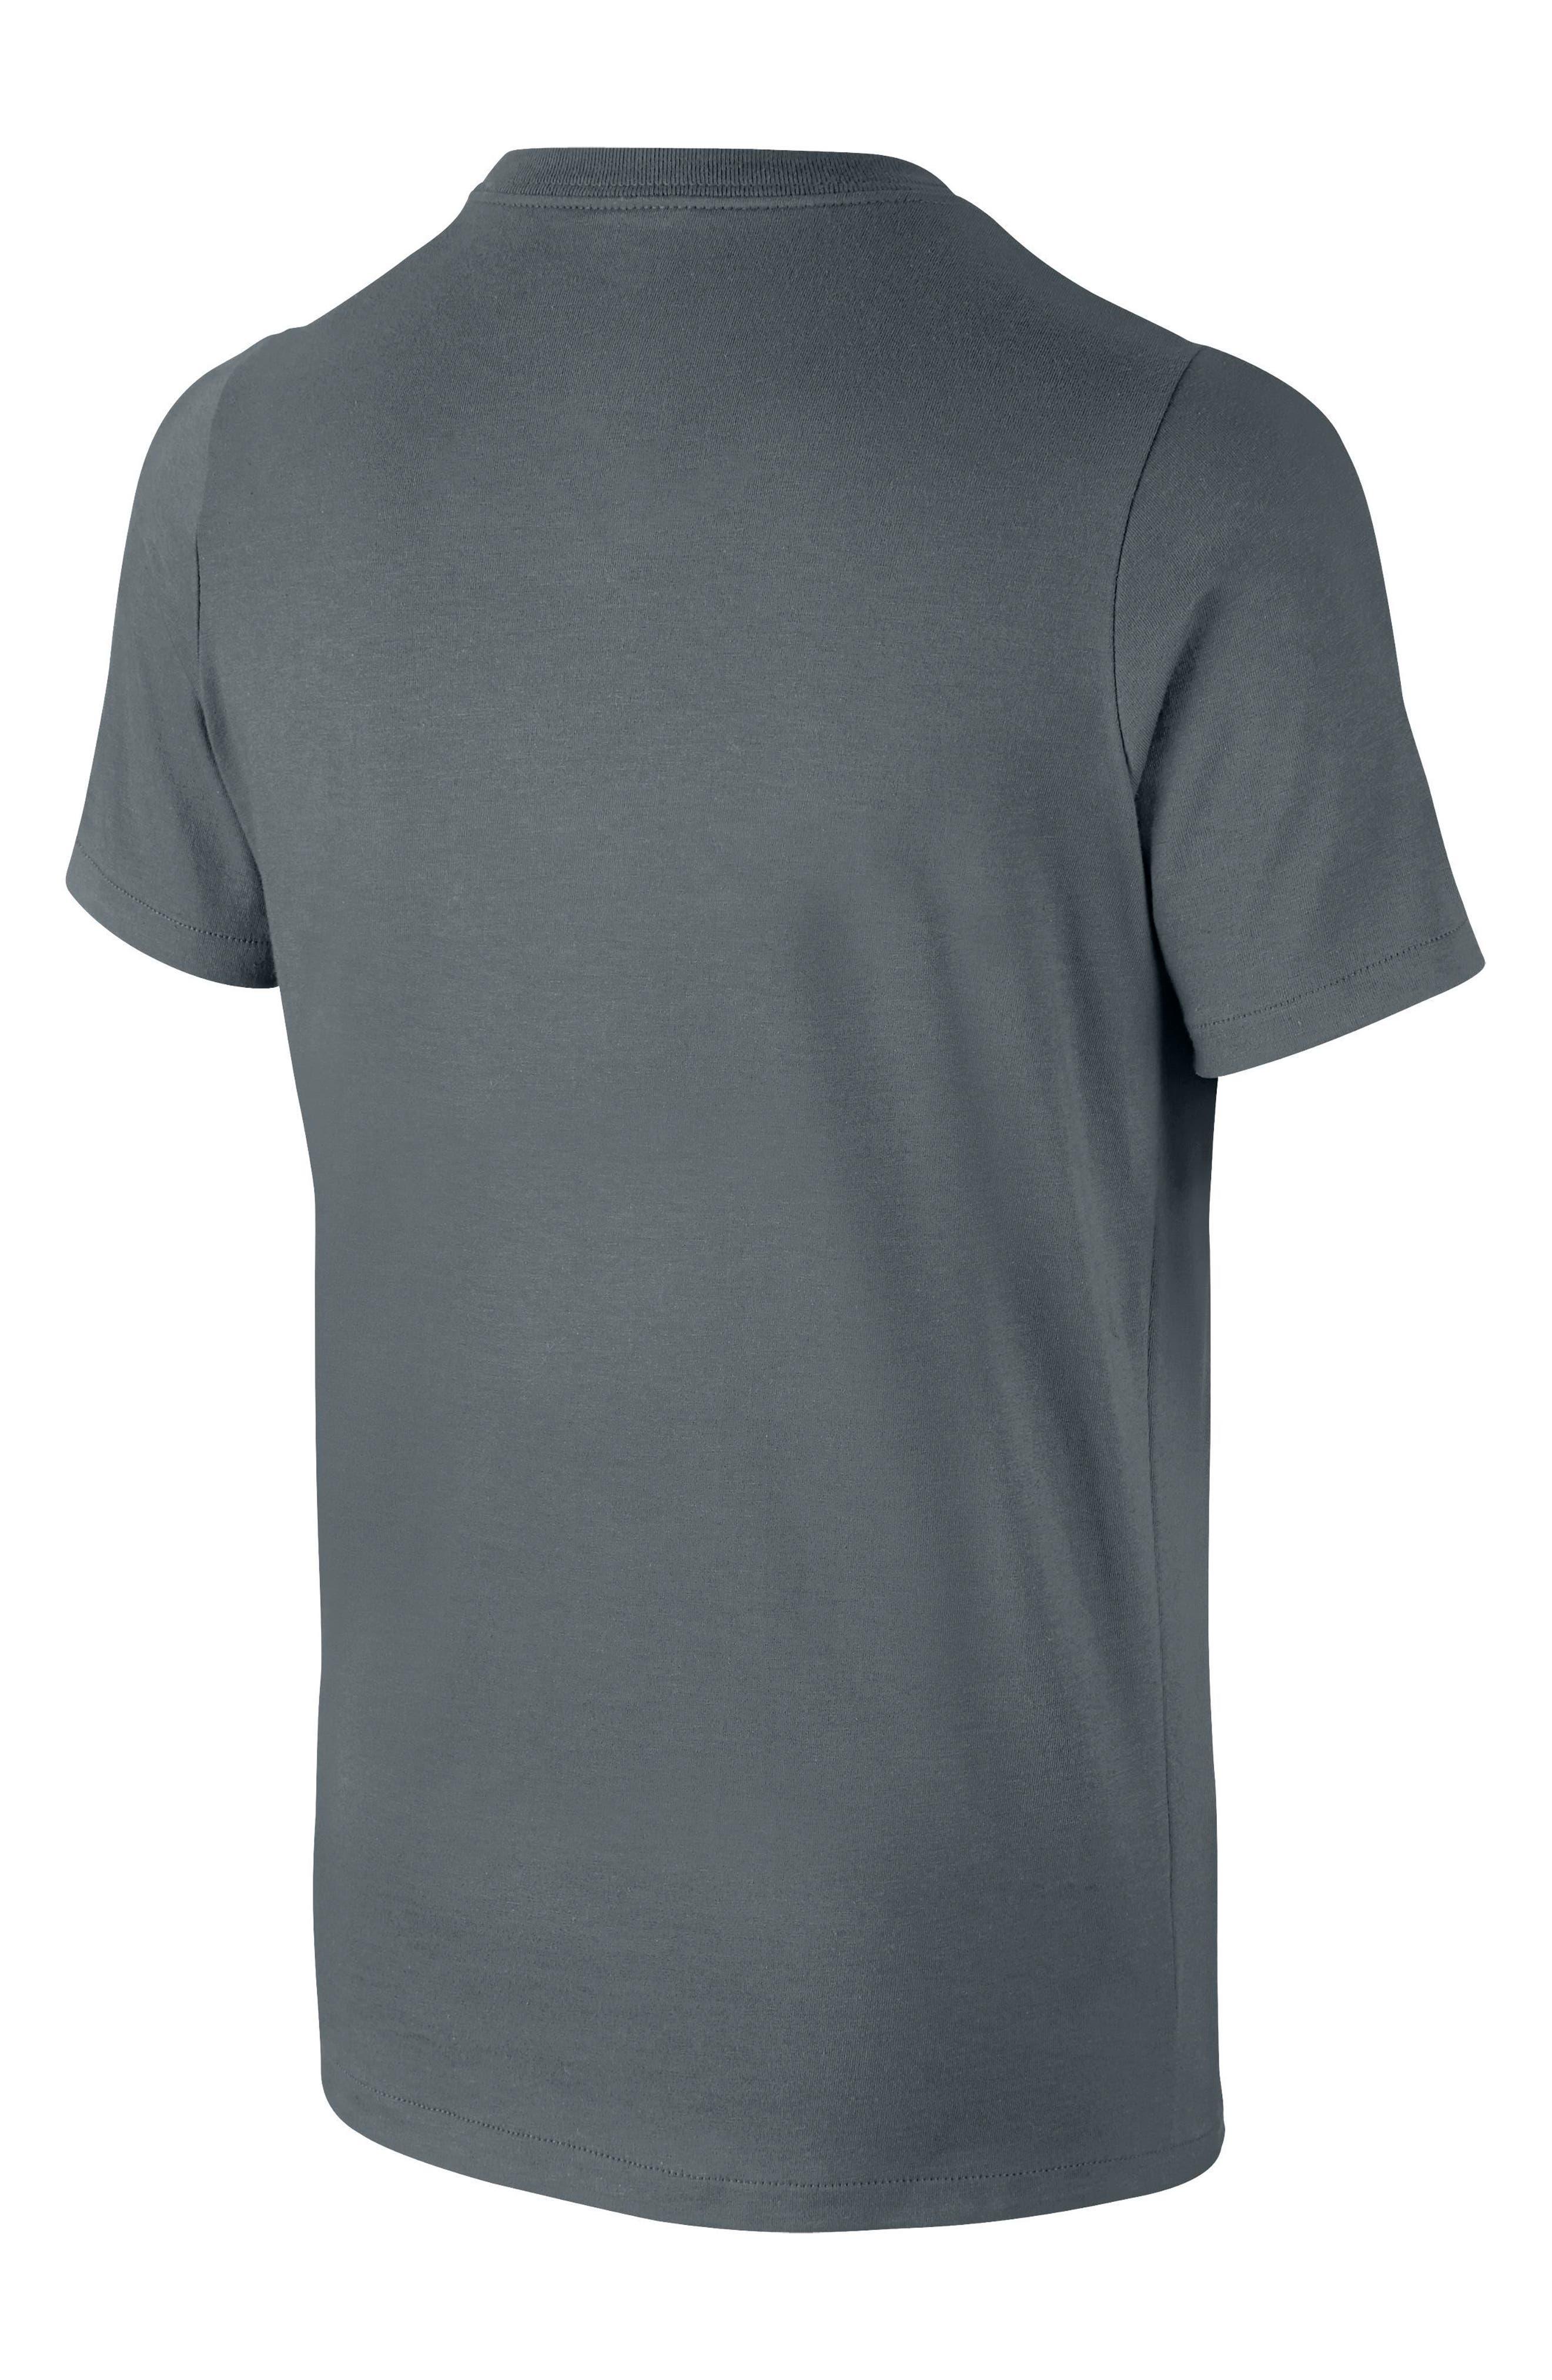 Just Do It Cotton T-Shirt,                             Main thumbnail 1, color,                             063